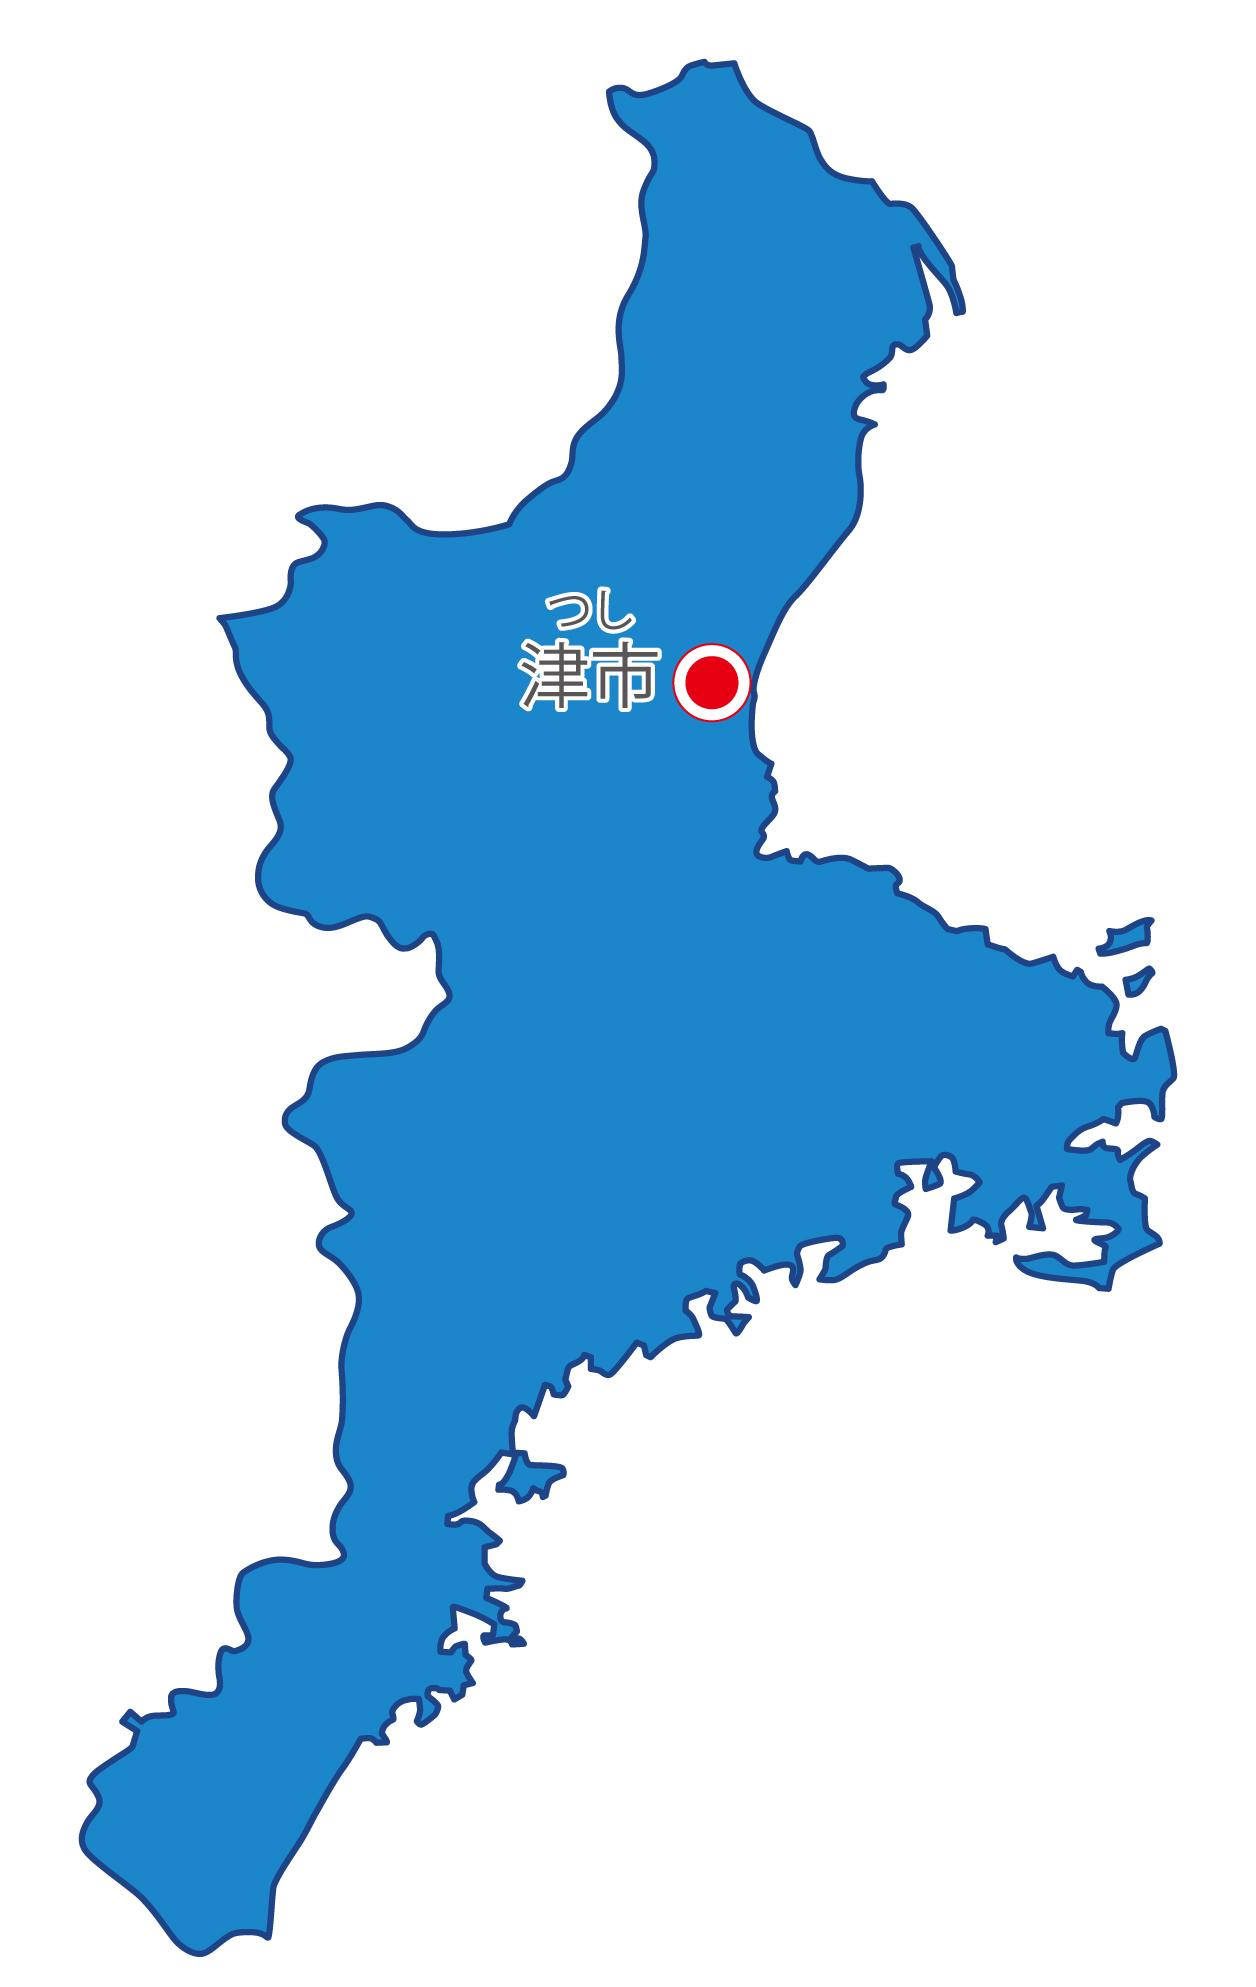 三重県無料フリーイラスト|日本語・県庁所在地あり・ルビあり(青)